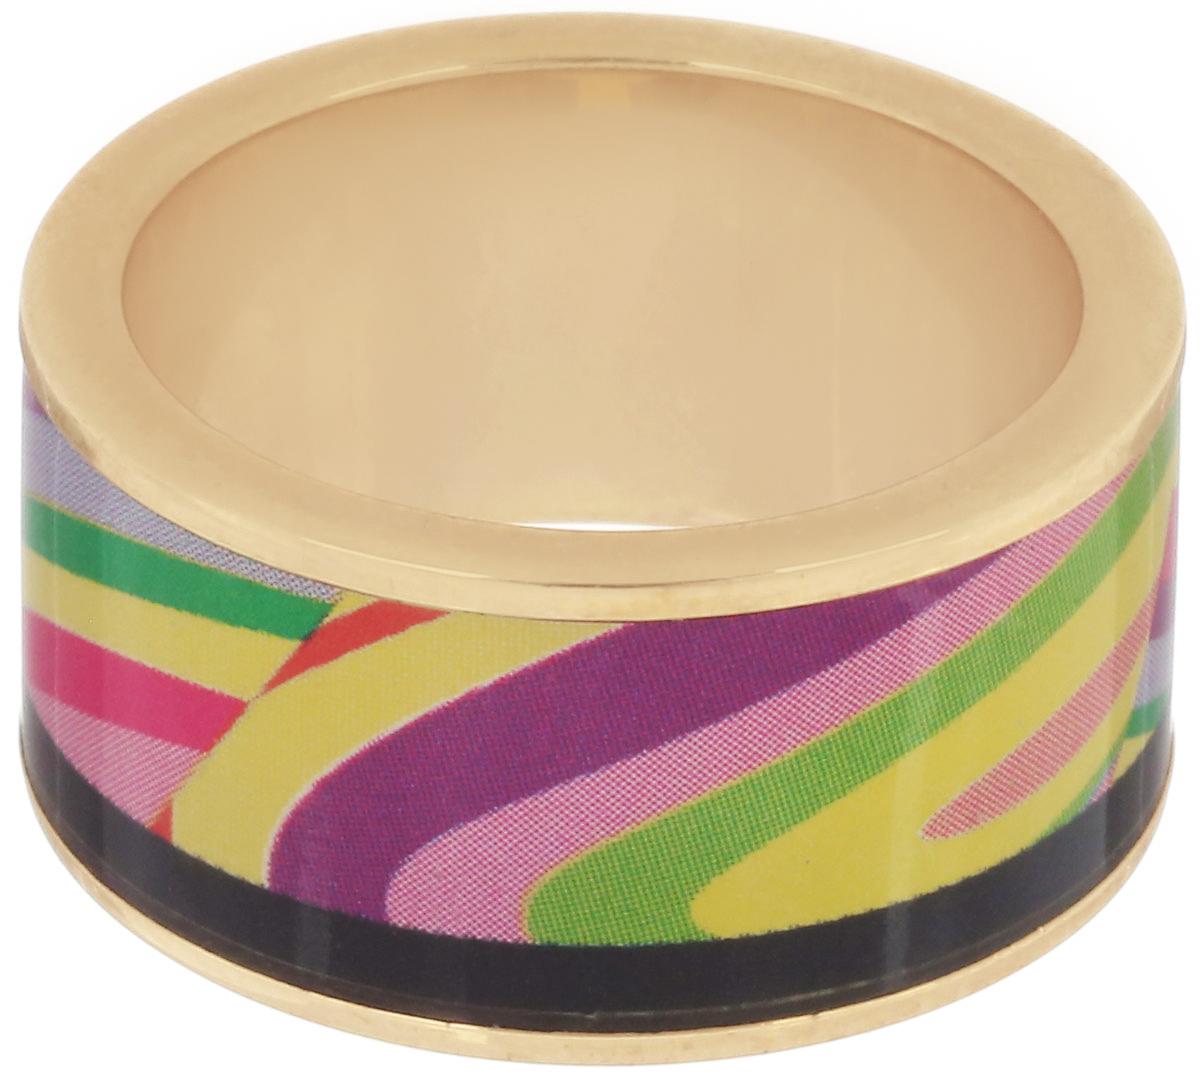 Кольцо Art-Silver, цвет: золотистый, мультиколор. ФК126-320. Размер 17,5ФК126-320Великолепное кольцо Art-Silver изготовлено из бижутерного сплава и покрыто золотом 0,01 мкрн. Изделие оформлено оригинальным геометрическим орнаментом выполненным из эмали. Стильное кольцо придаст вашему образу изюминку и подчеркнет индивидуальность.